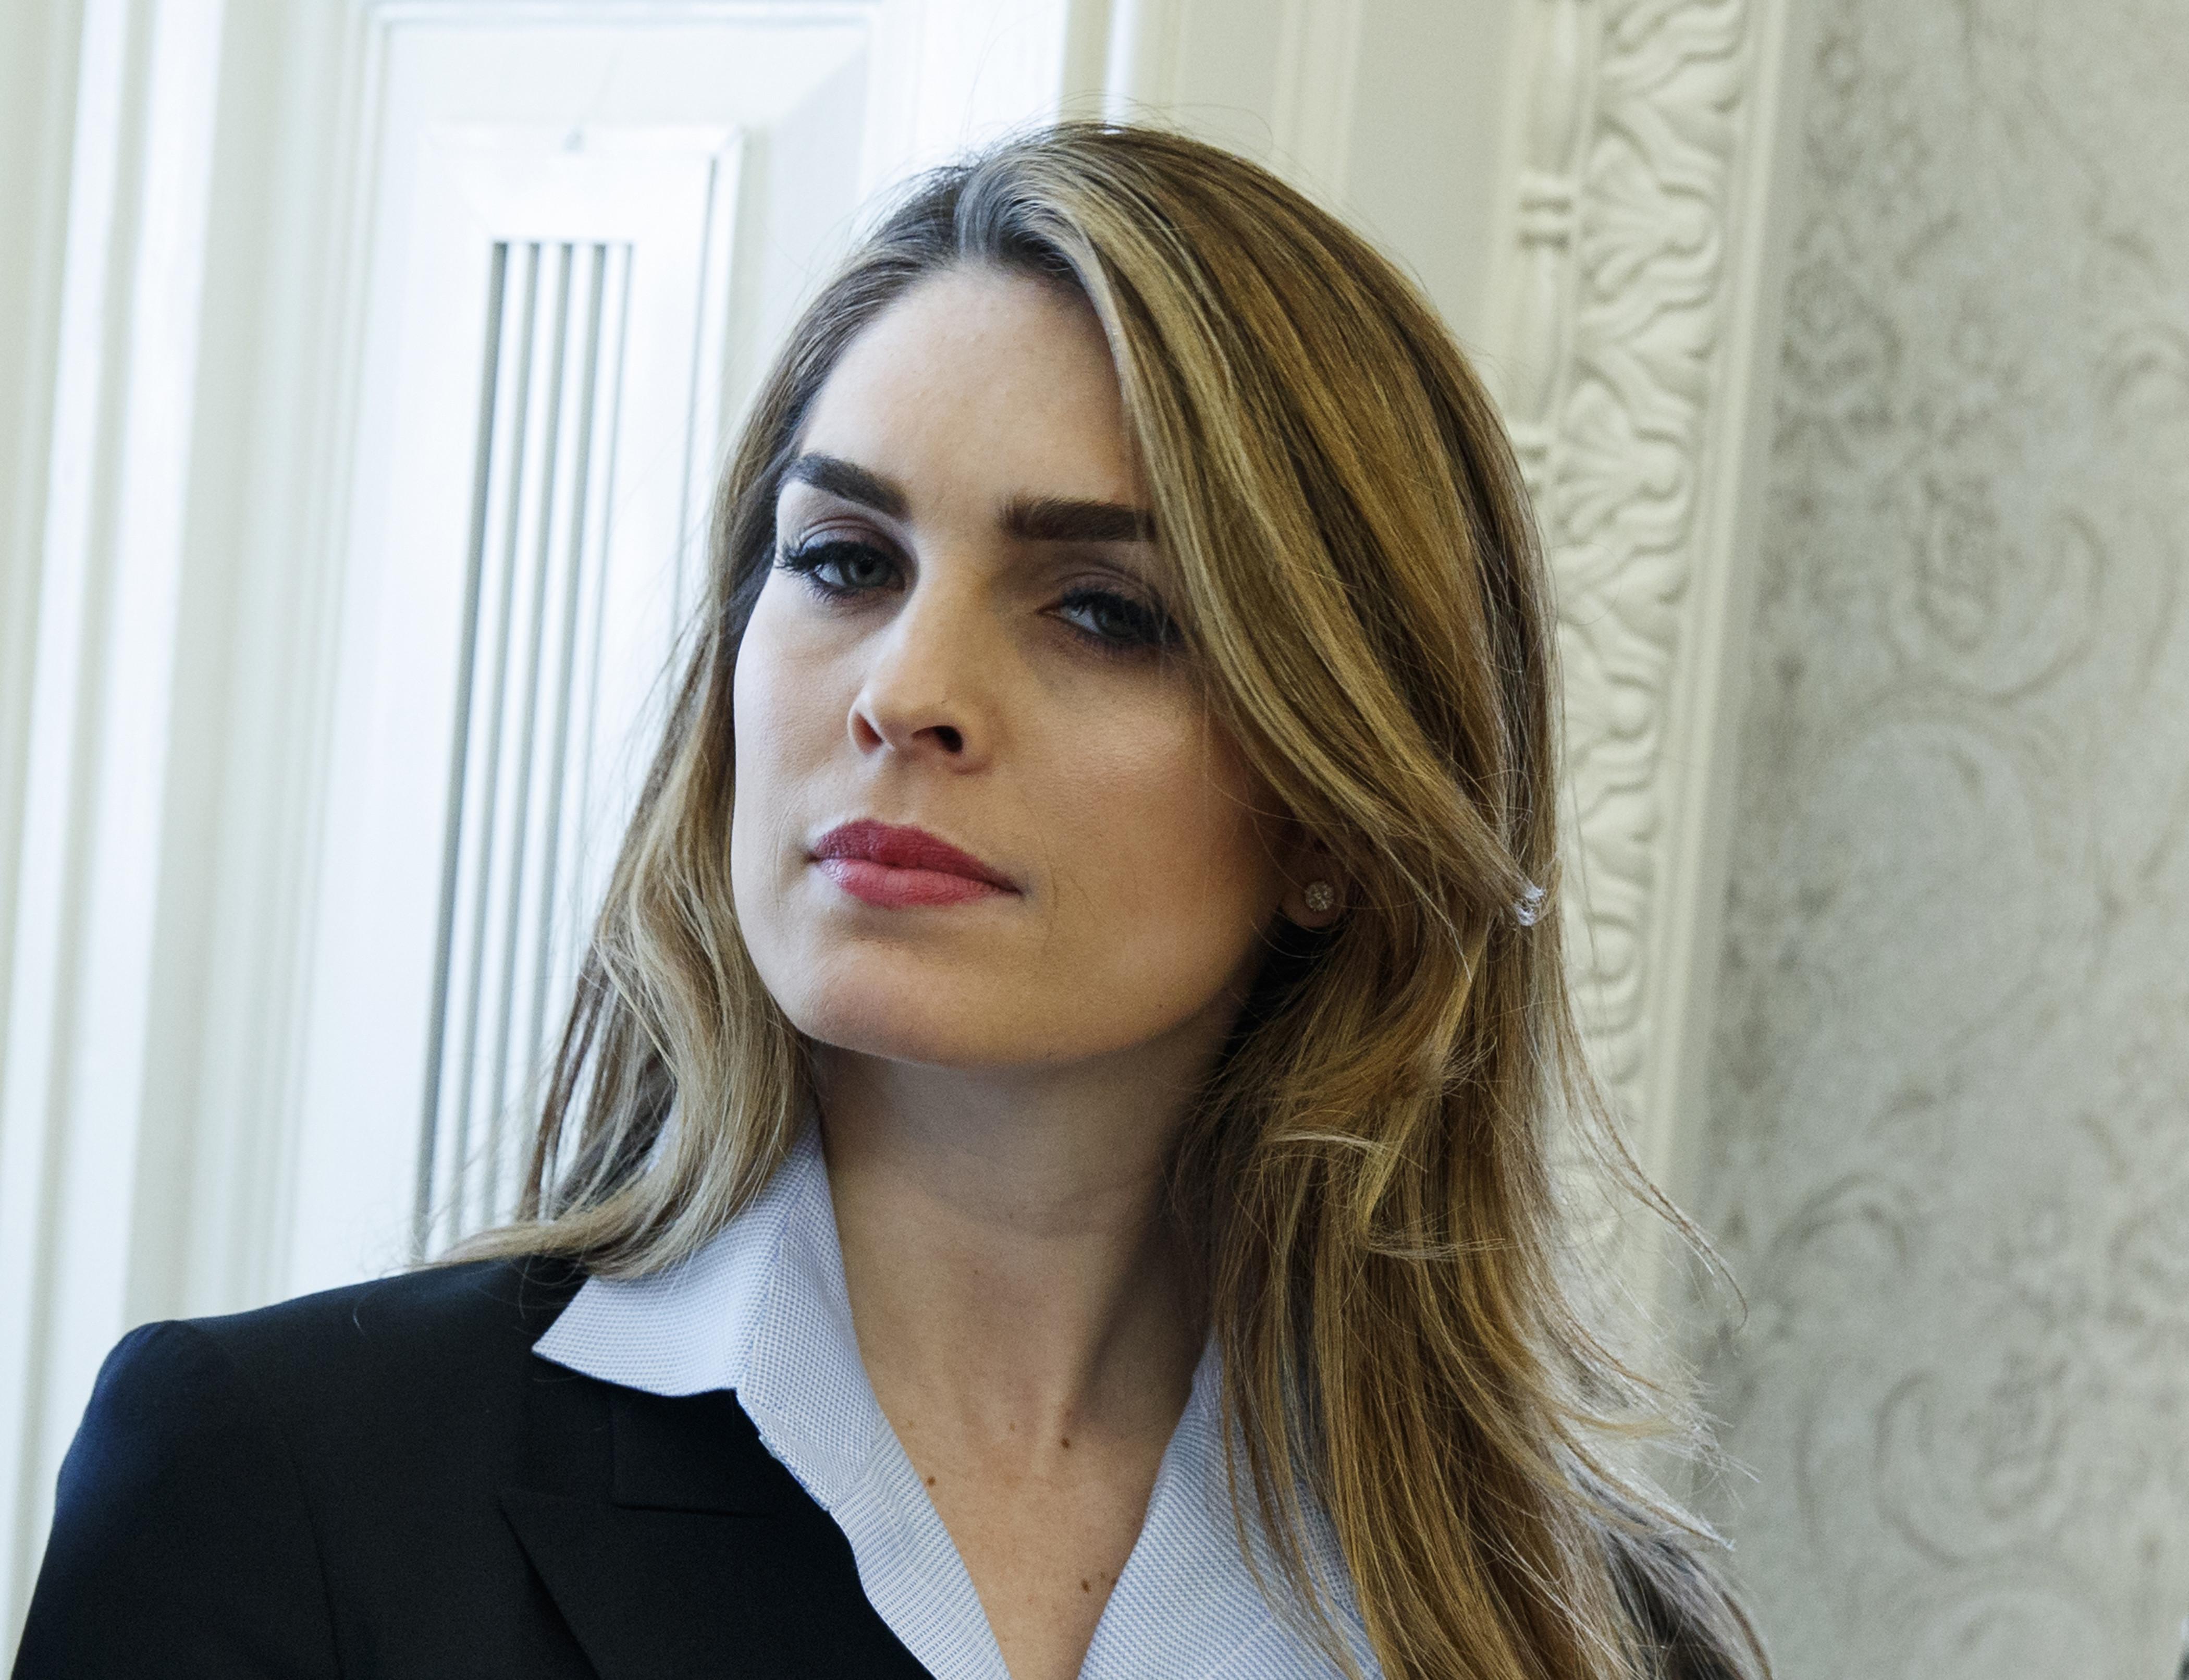 Directorul de comunicare a lui Trump, un fost fotomodel, demisionează